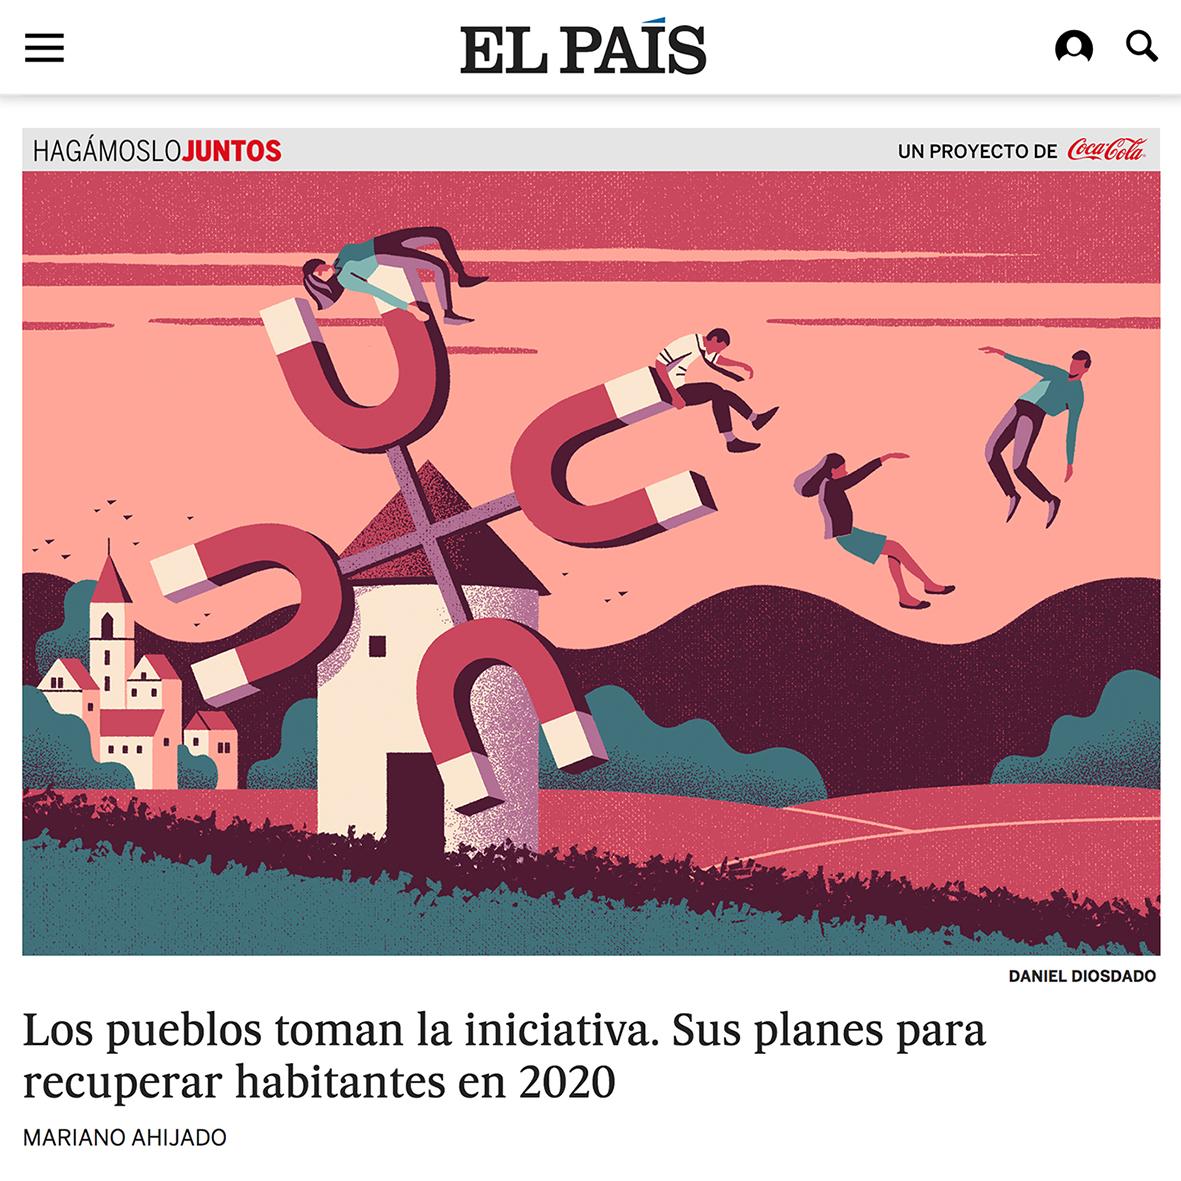 Daniel Diosdado: Poblar el Medio Rural. El País